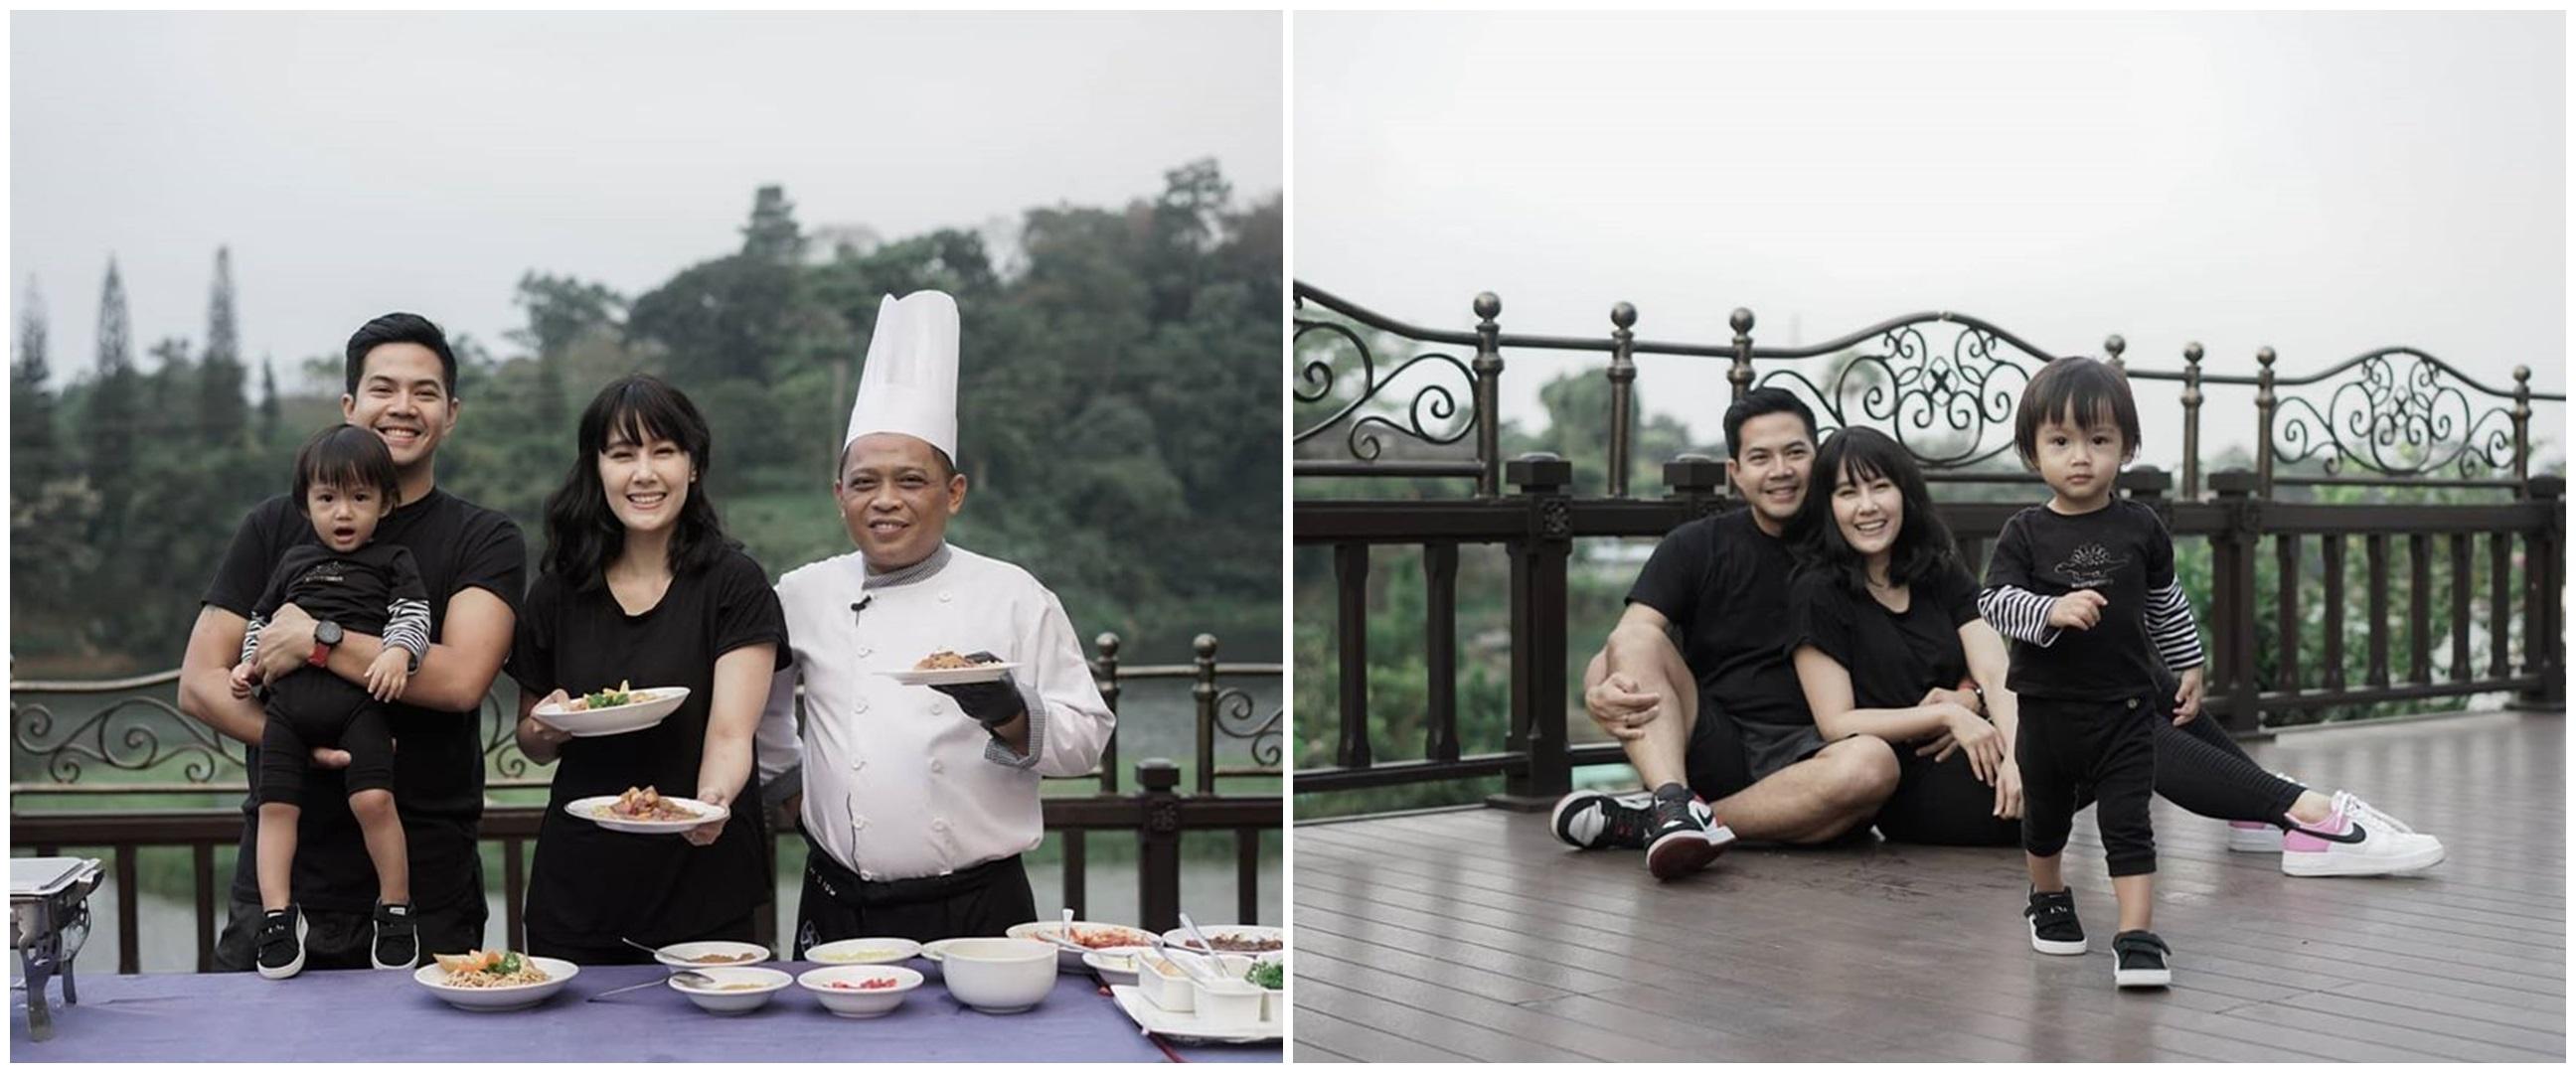 8Momen liburan Ardina Rasti & keluarga, ikut kelas memasak